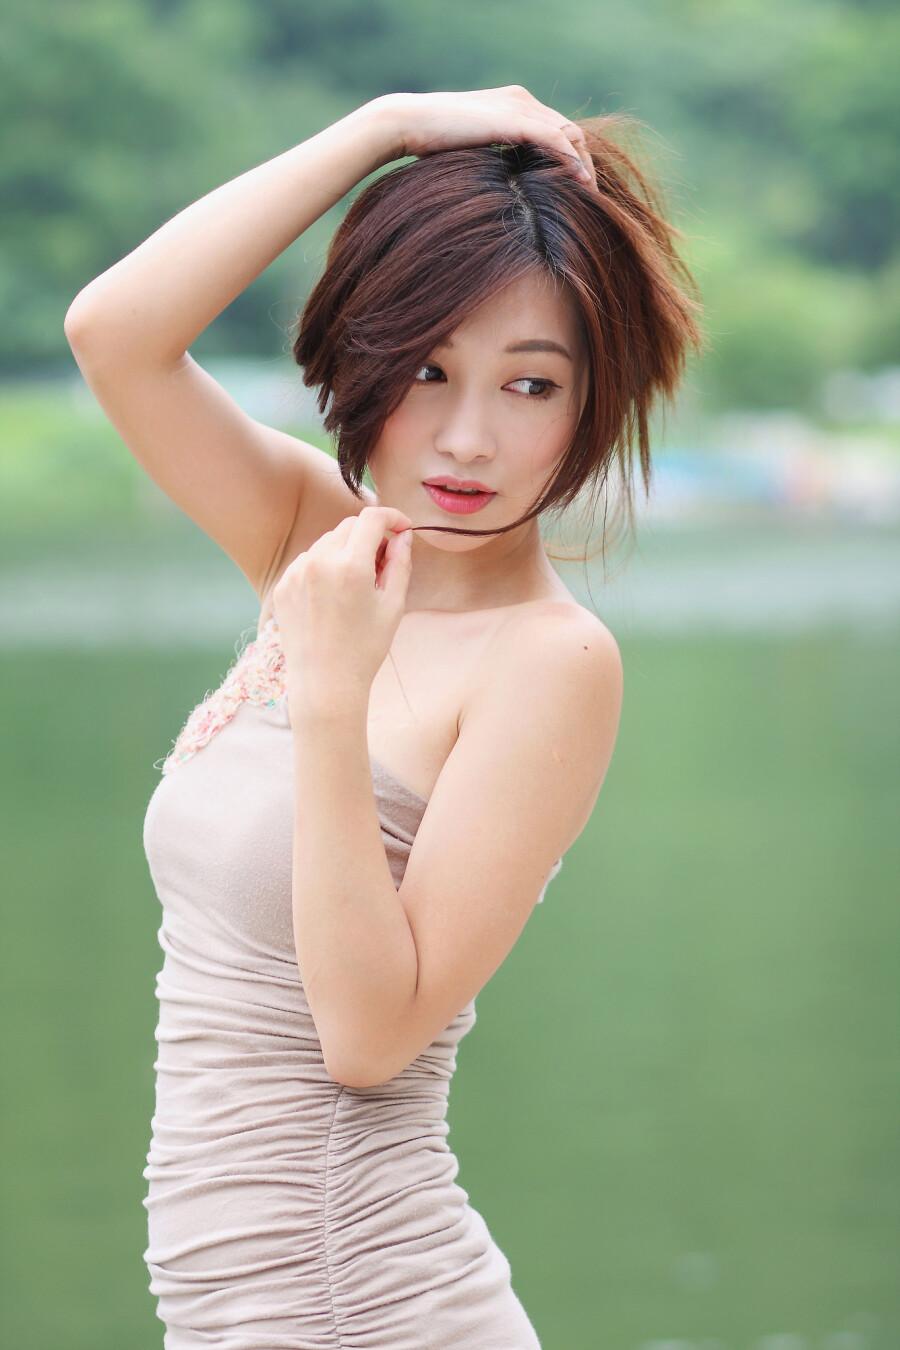 娇娇滴滴 江若宁 - 春色满园 - 春色满园